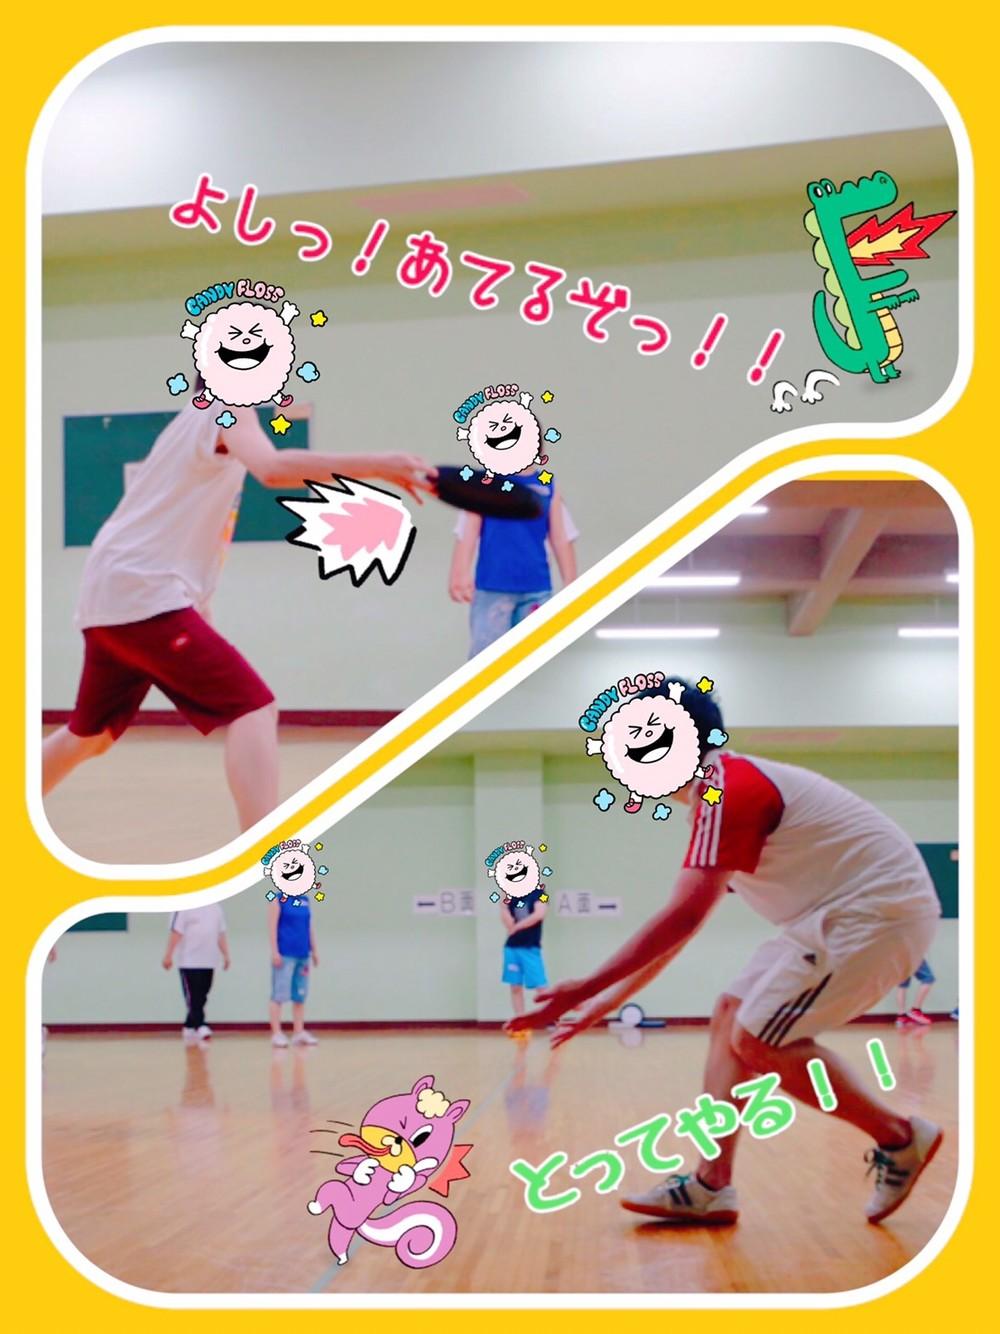 【未経験大歓迎】ドッヂビー!!!…第40回